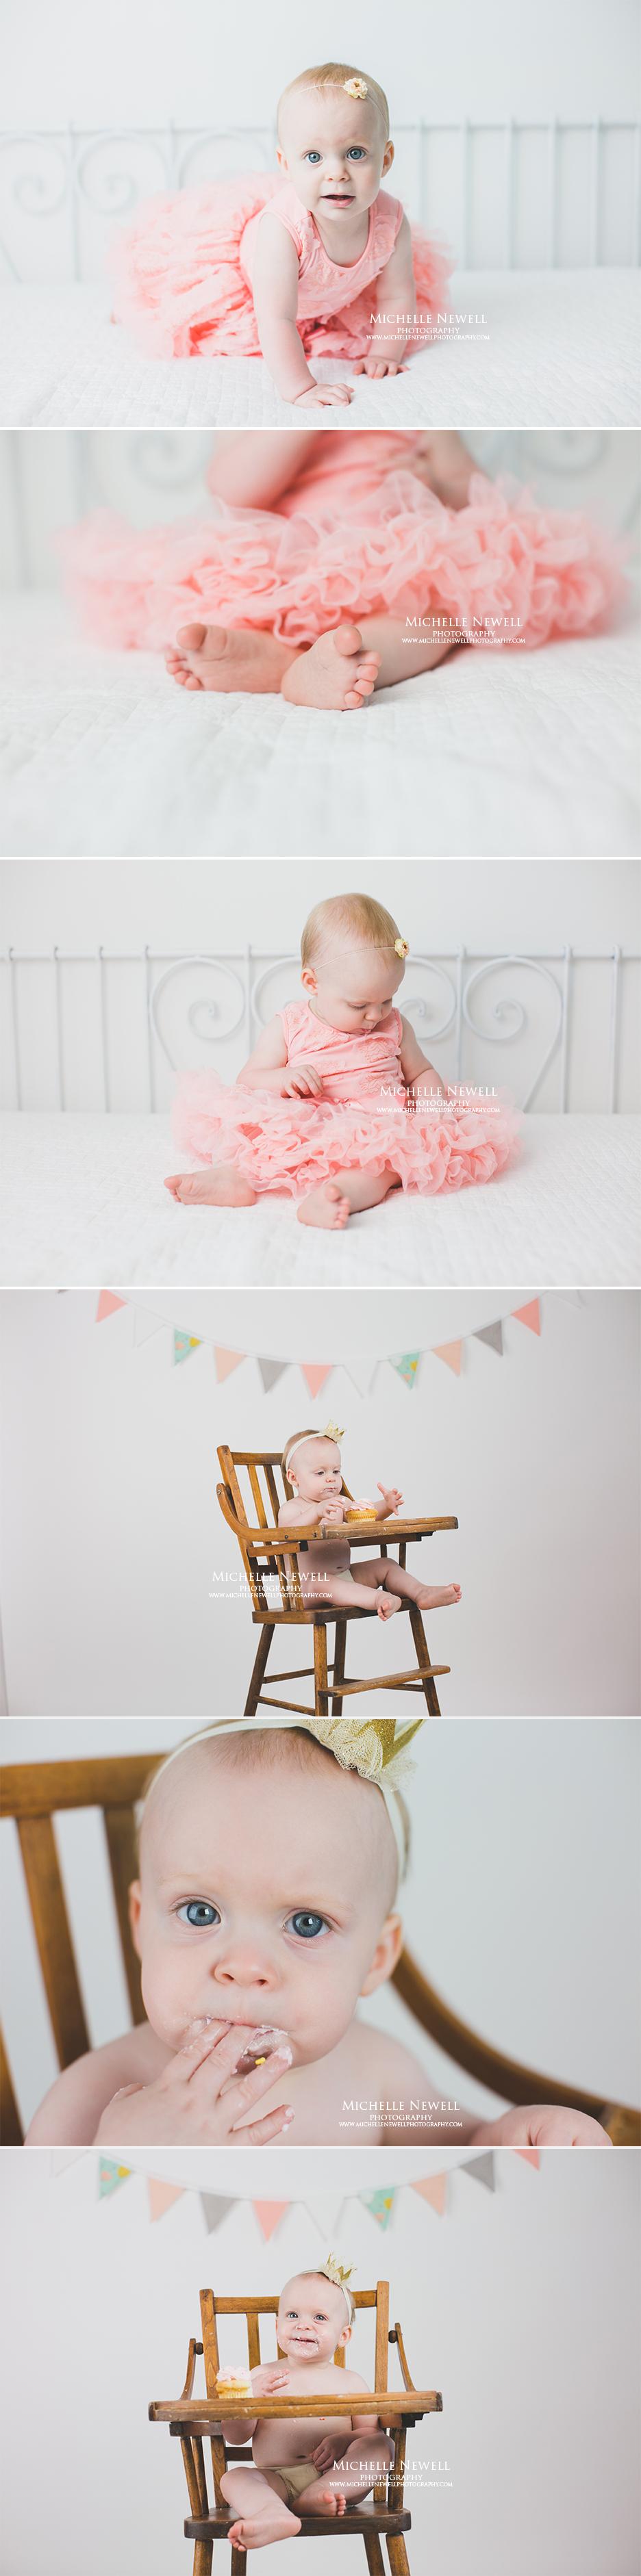 Bellevue Baby Photographer